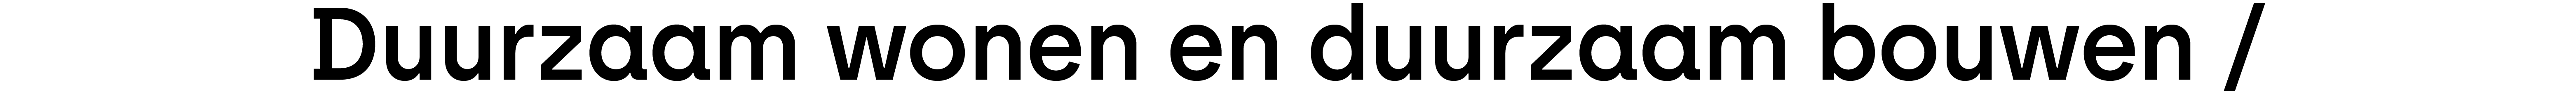 ab1a3af0-1abf-11eb-811b-dba7363960a4.png